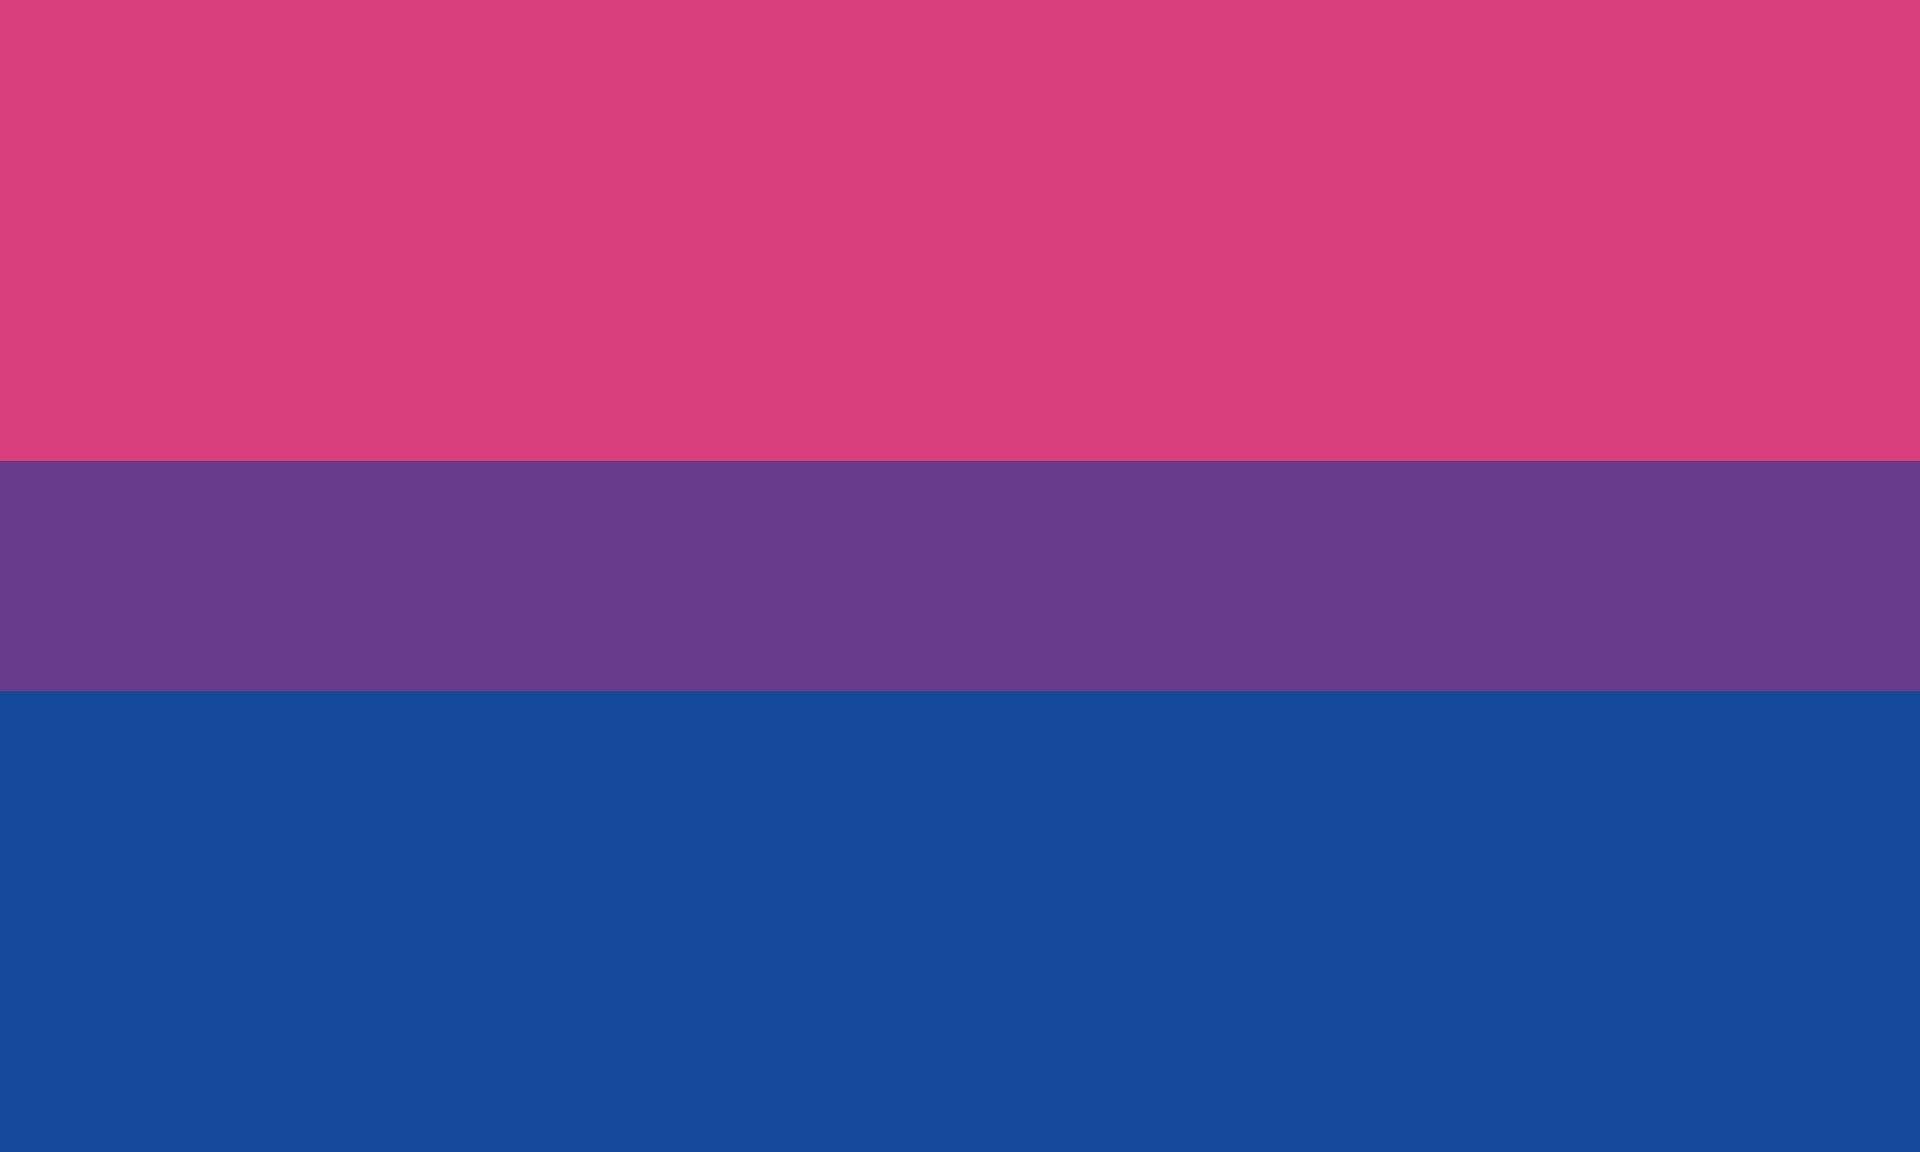 bisexual-1792758_1920.jpg